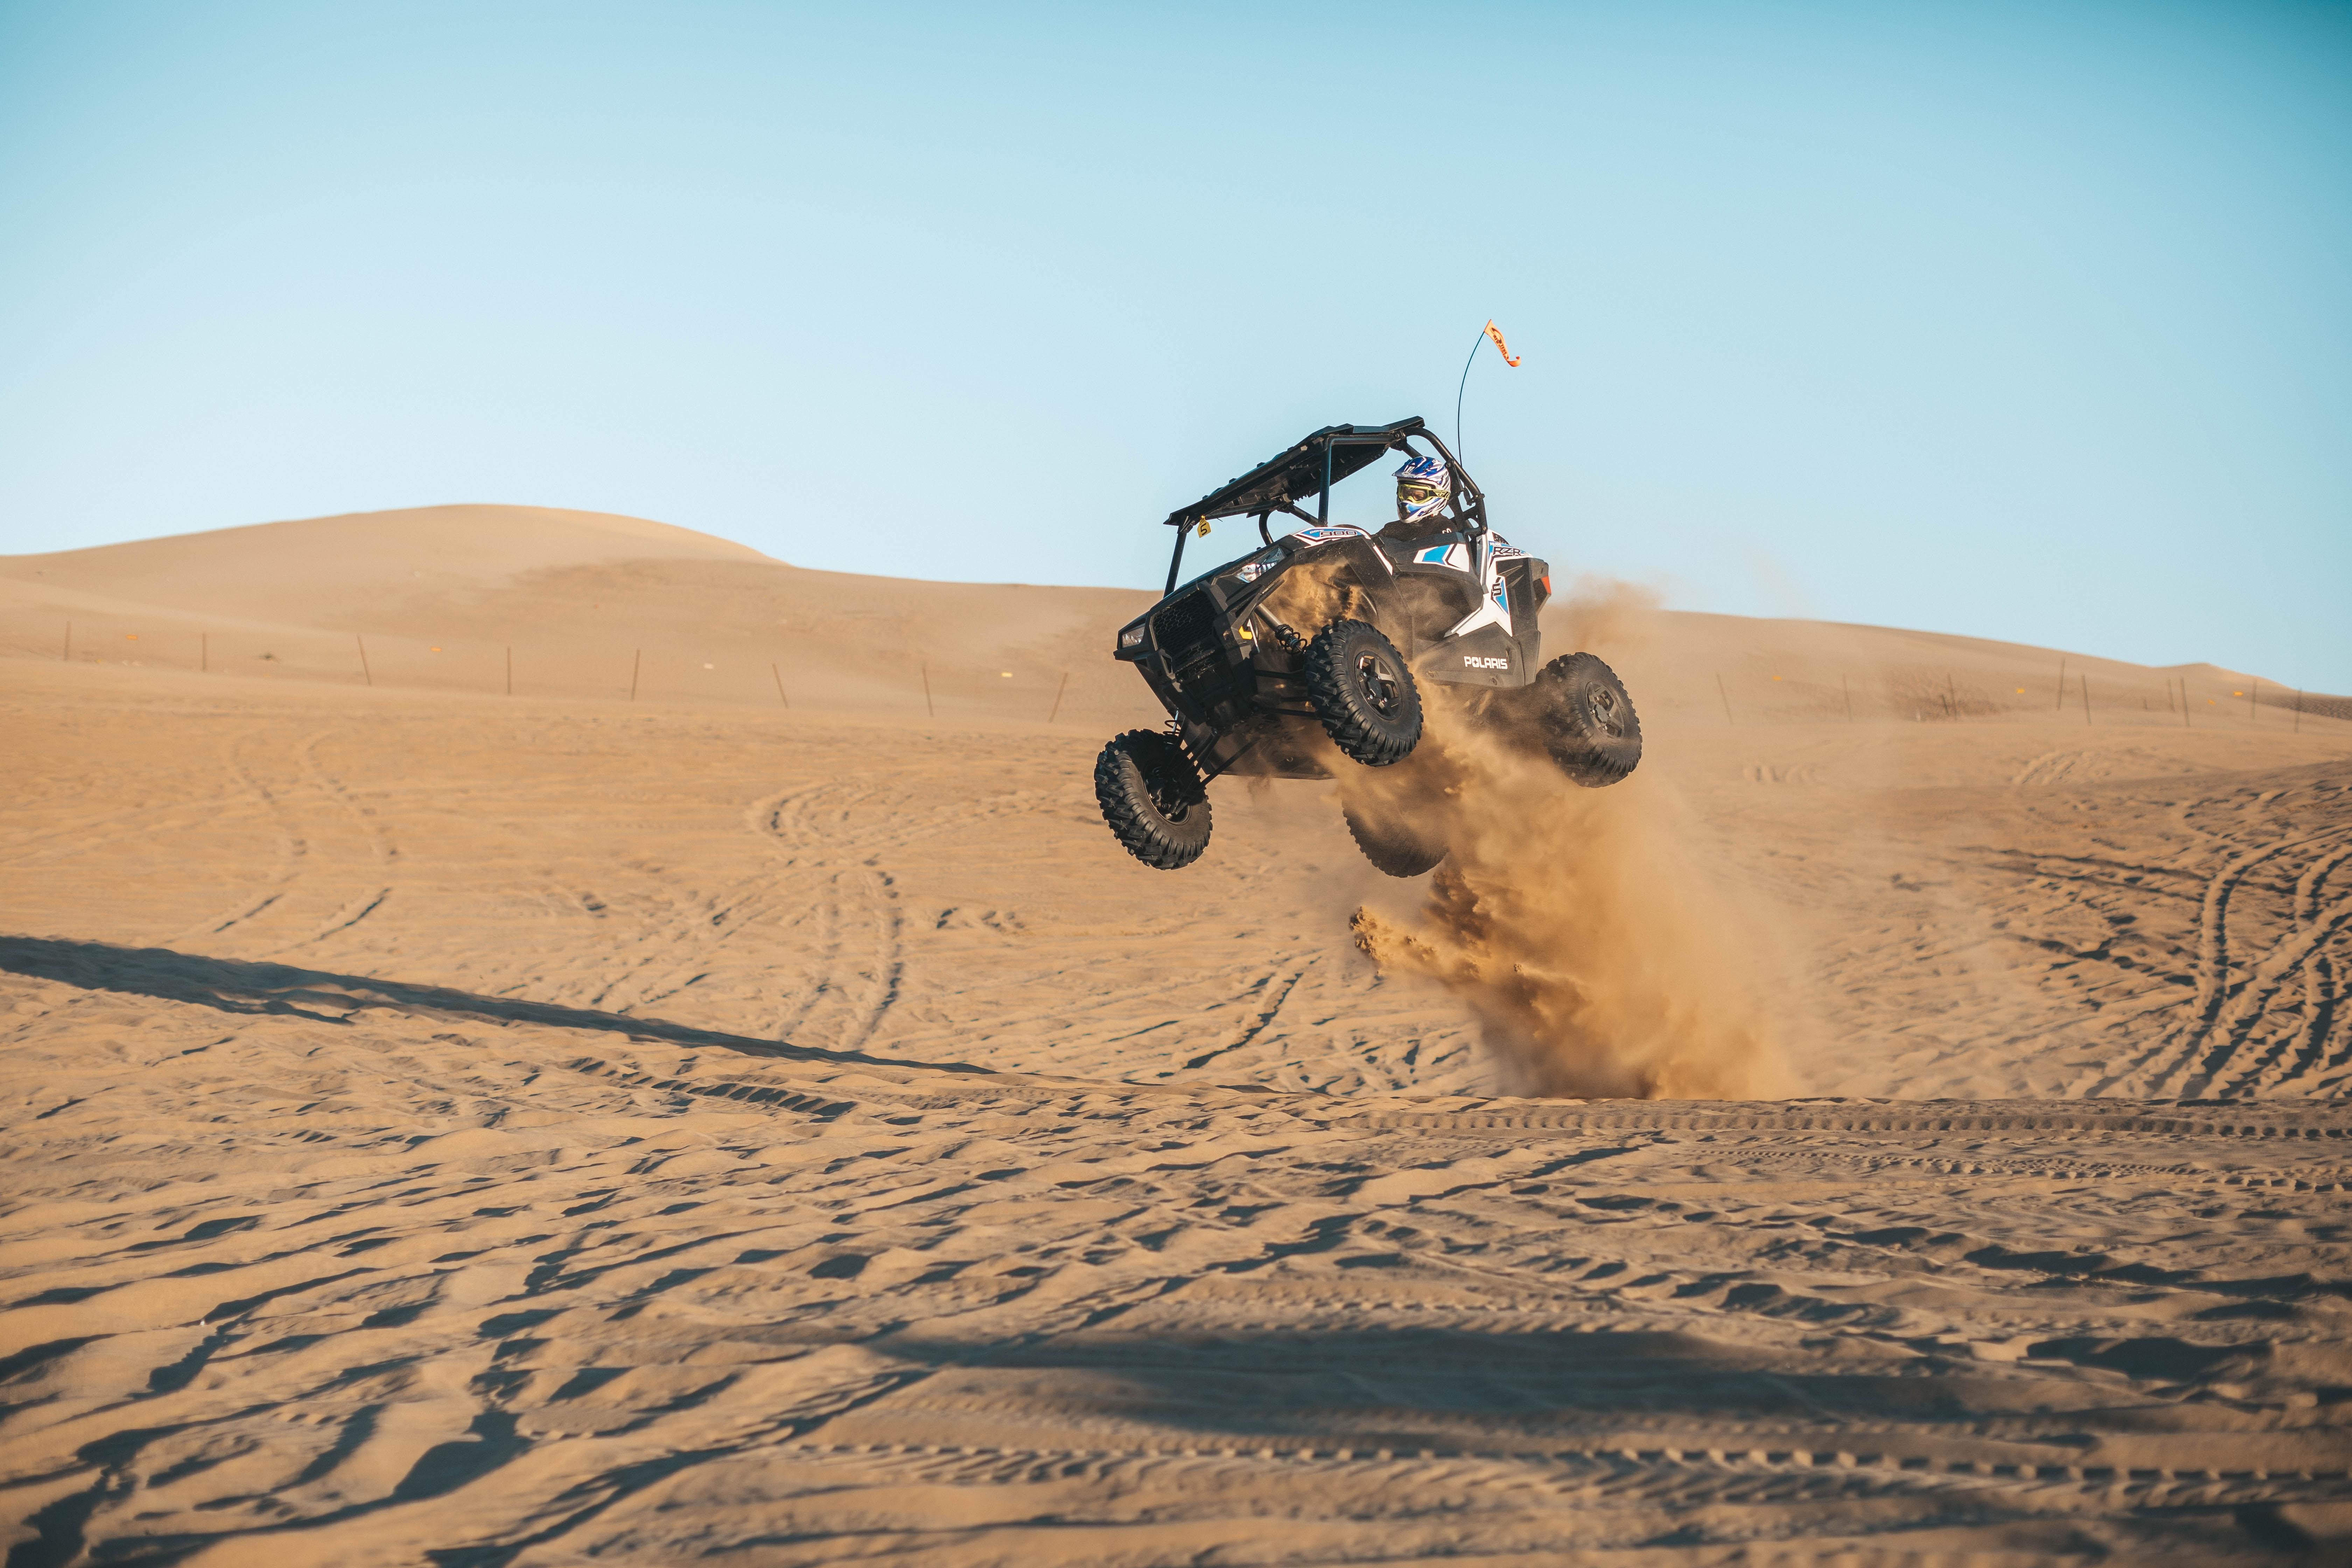 man riding on UTV on desert during daytime